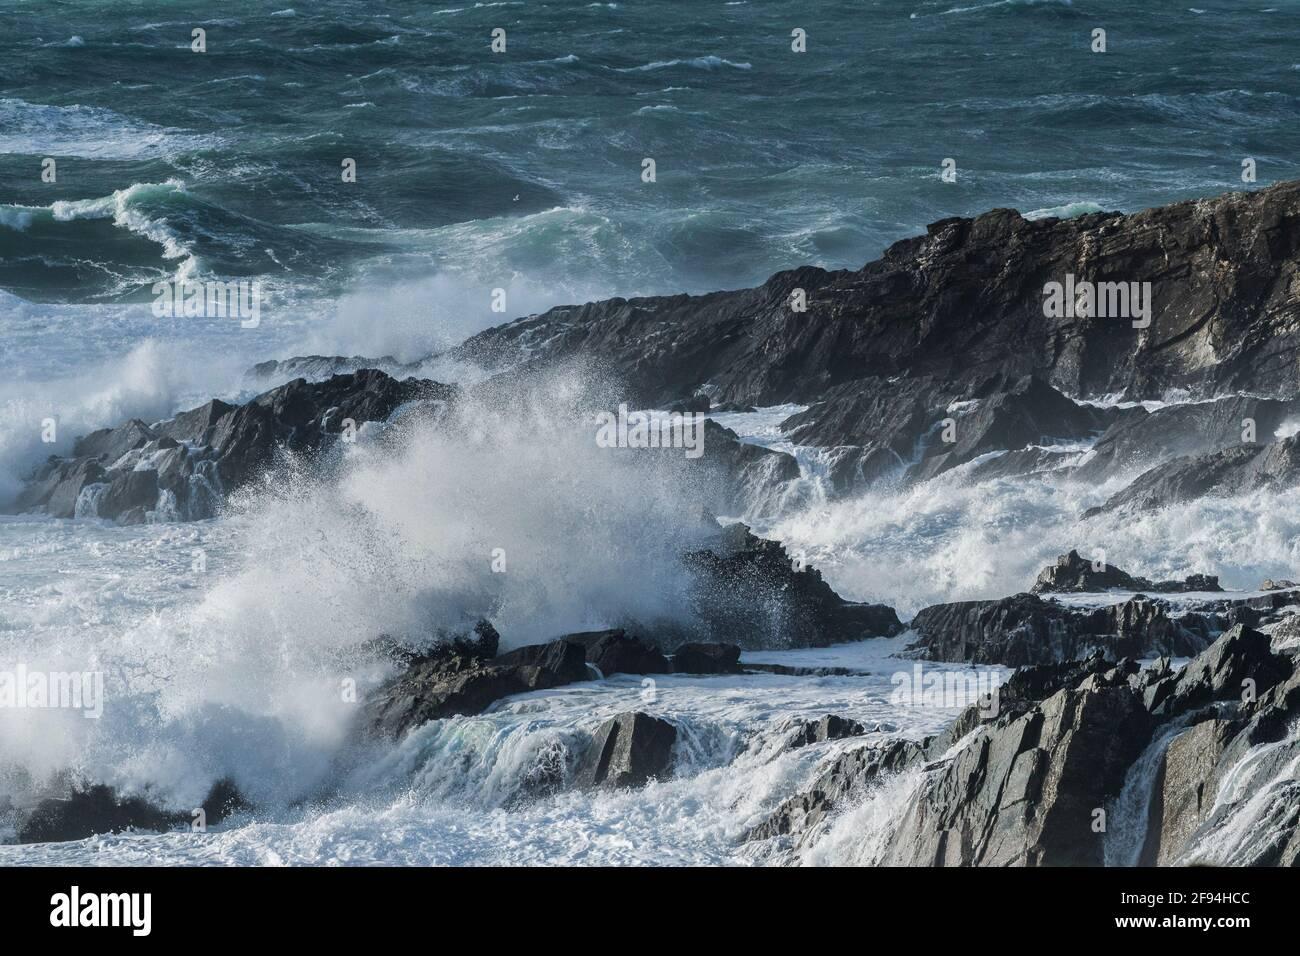 Vagues se brisant au-dessus des rochers de Cribbar sur la côte de Towan Head à Newquay, dans les Cornouailles. Banque D'Images